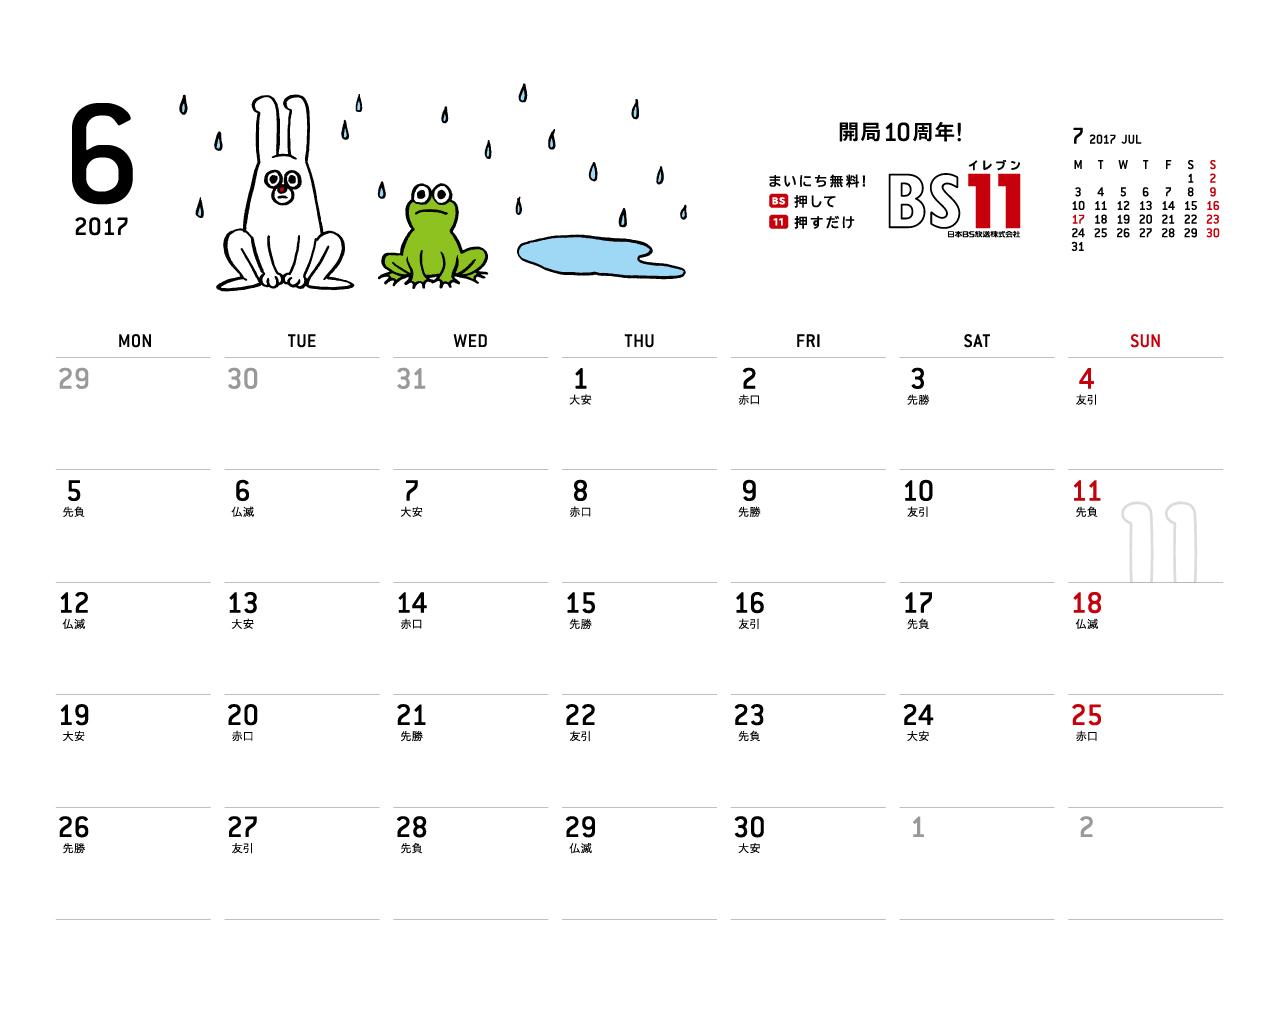 デジタルカレンダー 2017年6月